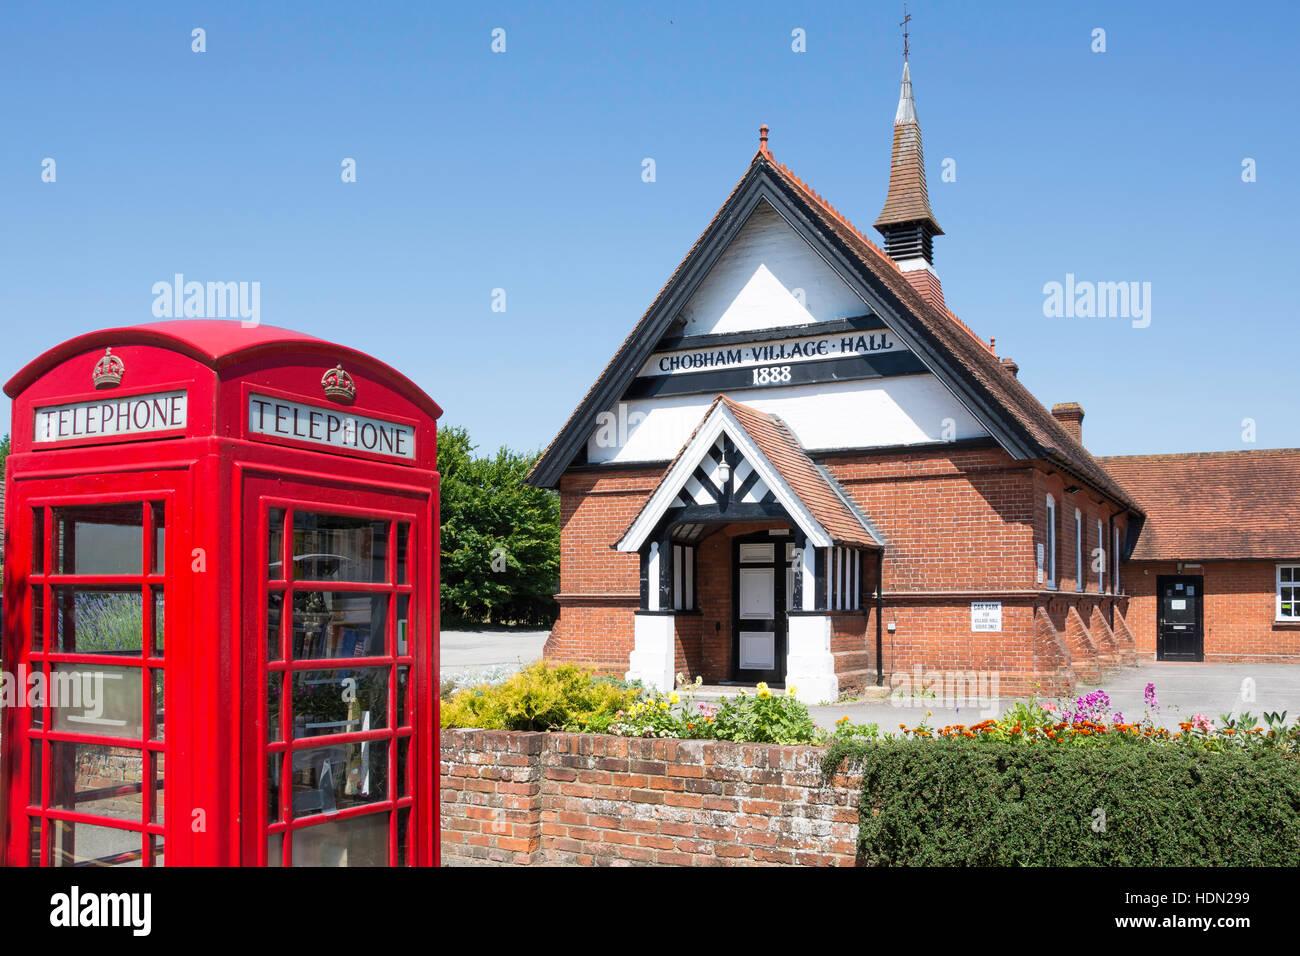 Chobham Village Hall, Station Road, Chobham, Surrey, England, United Kingdom - Stock Image